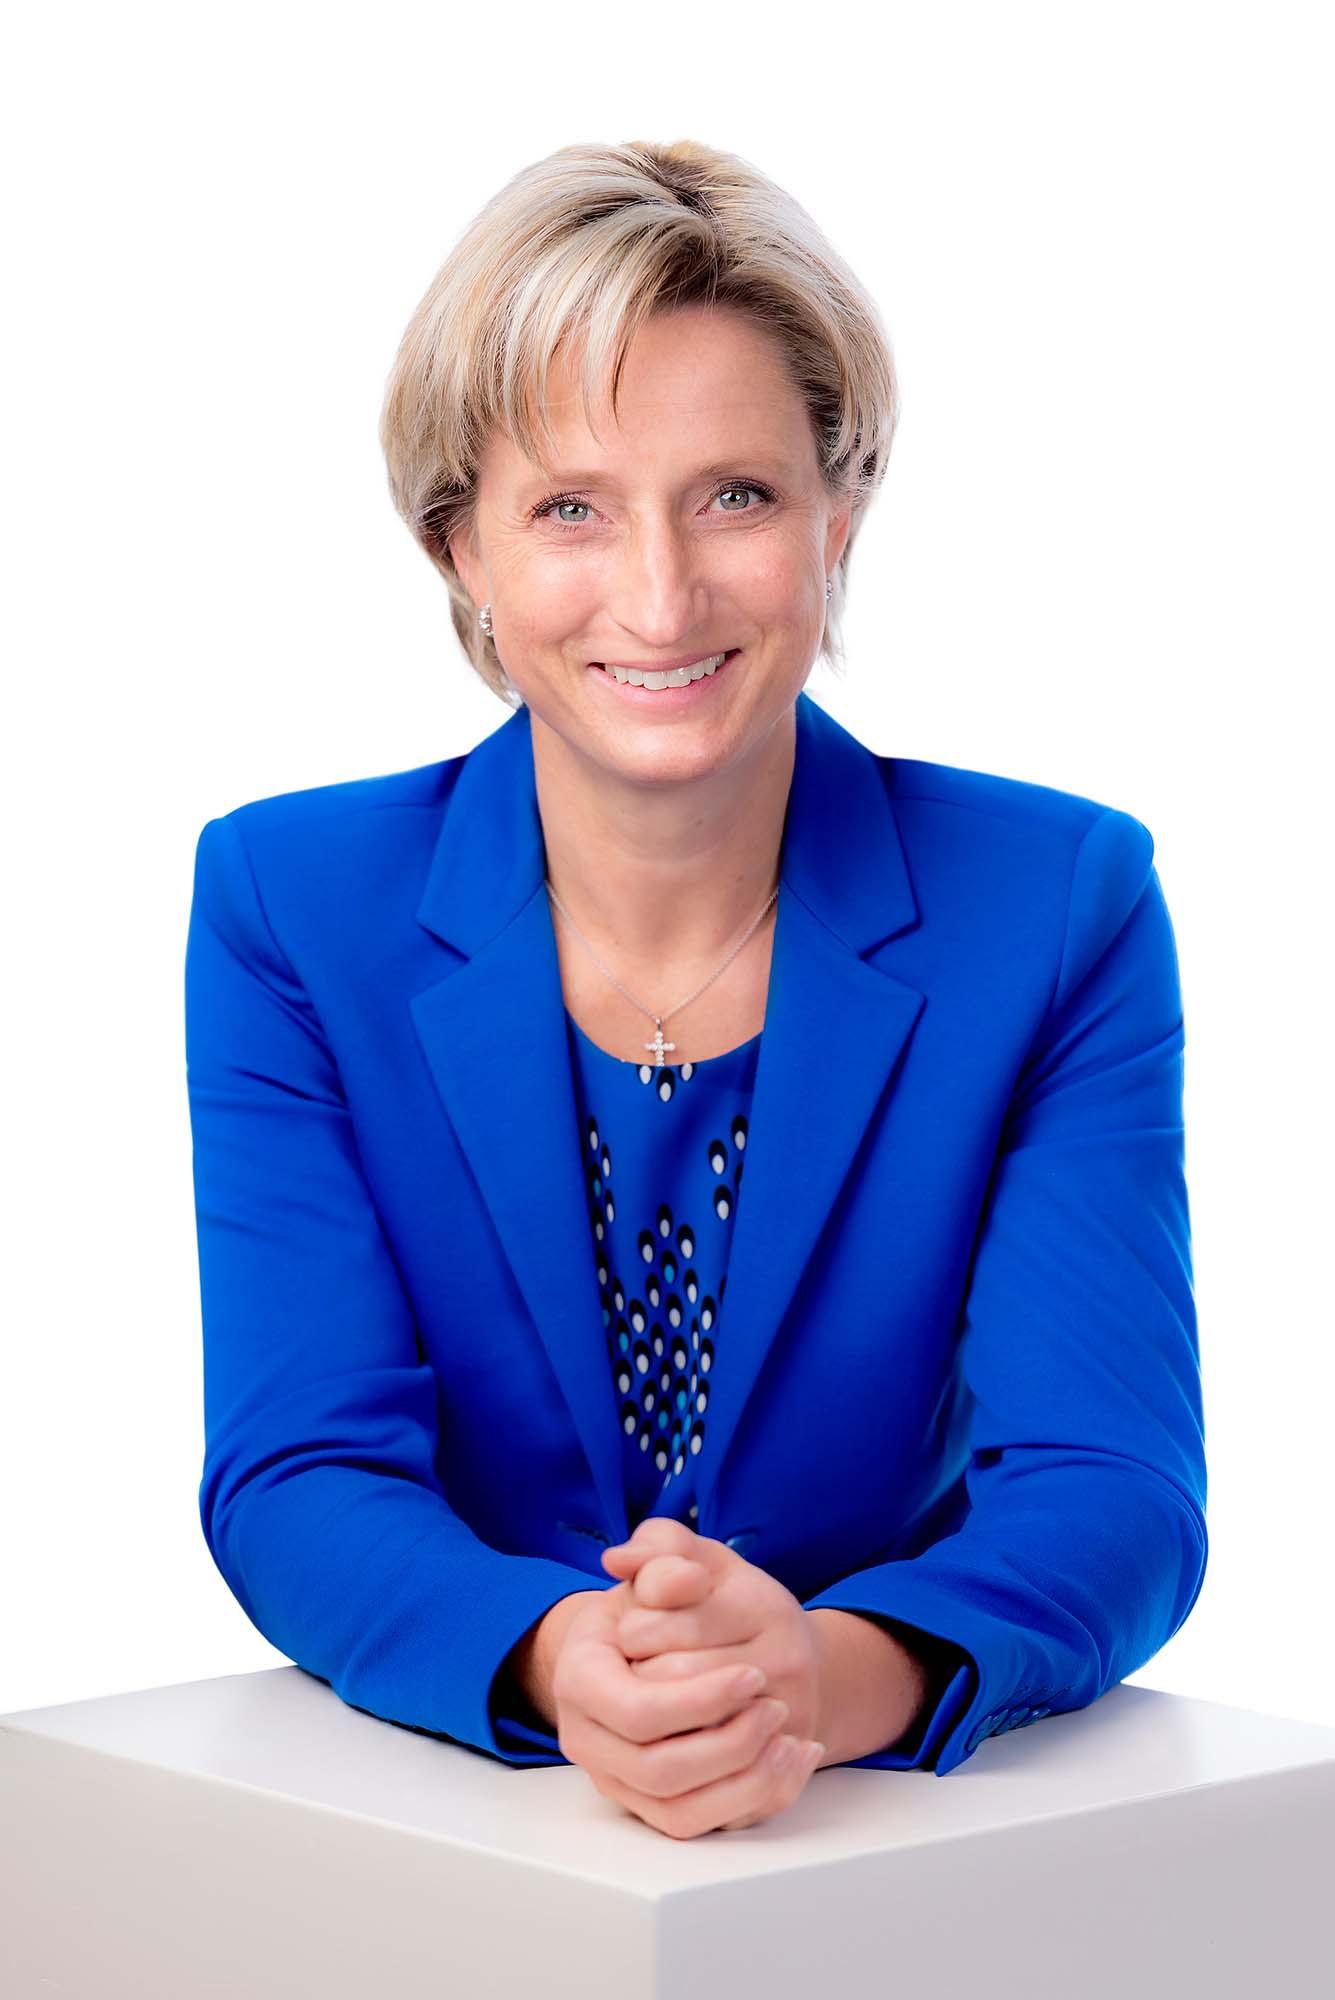 2021-7-9-ZE-CDU- 40_Nicole-Hoffmeister-Kraut-Pressefoto-01-transparent_891-a5842a37703a01258b7e1c2f8a894d95